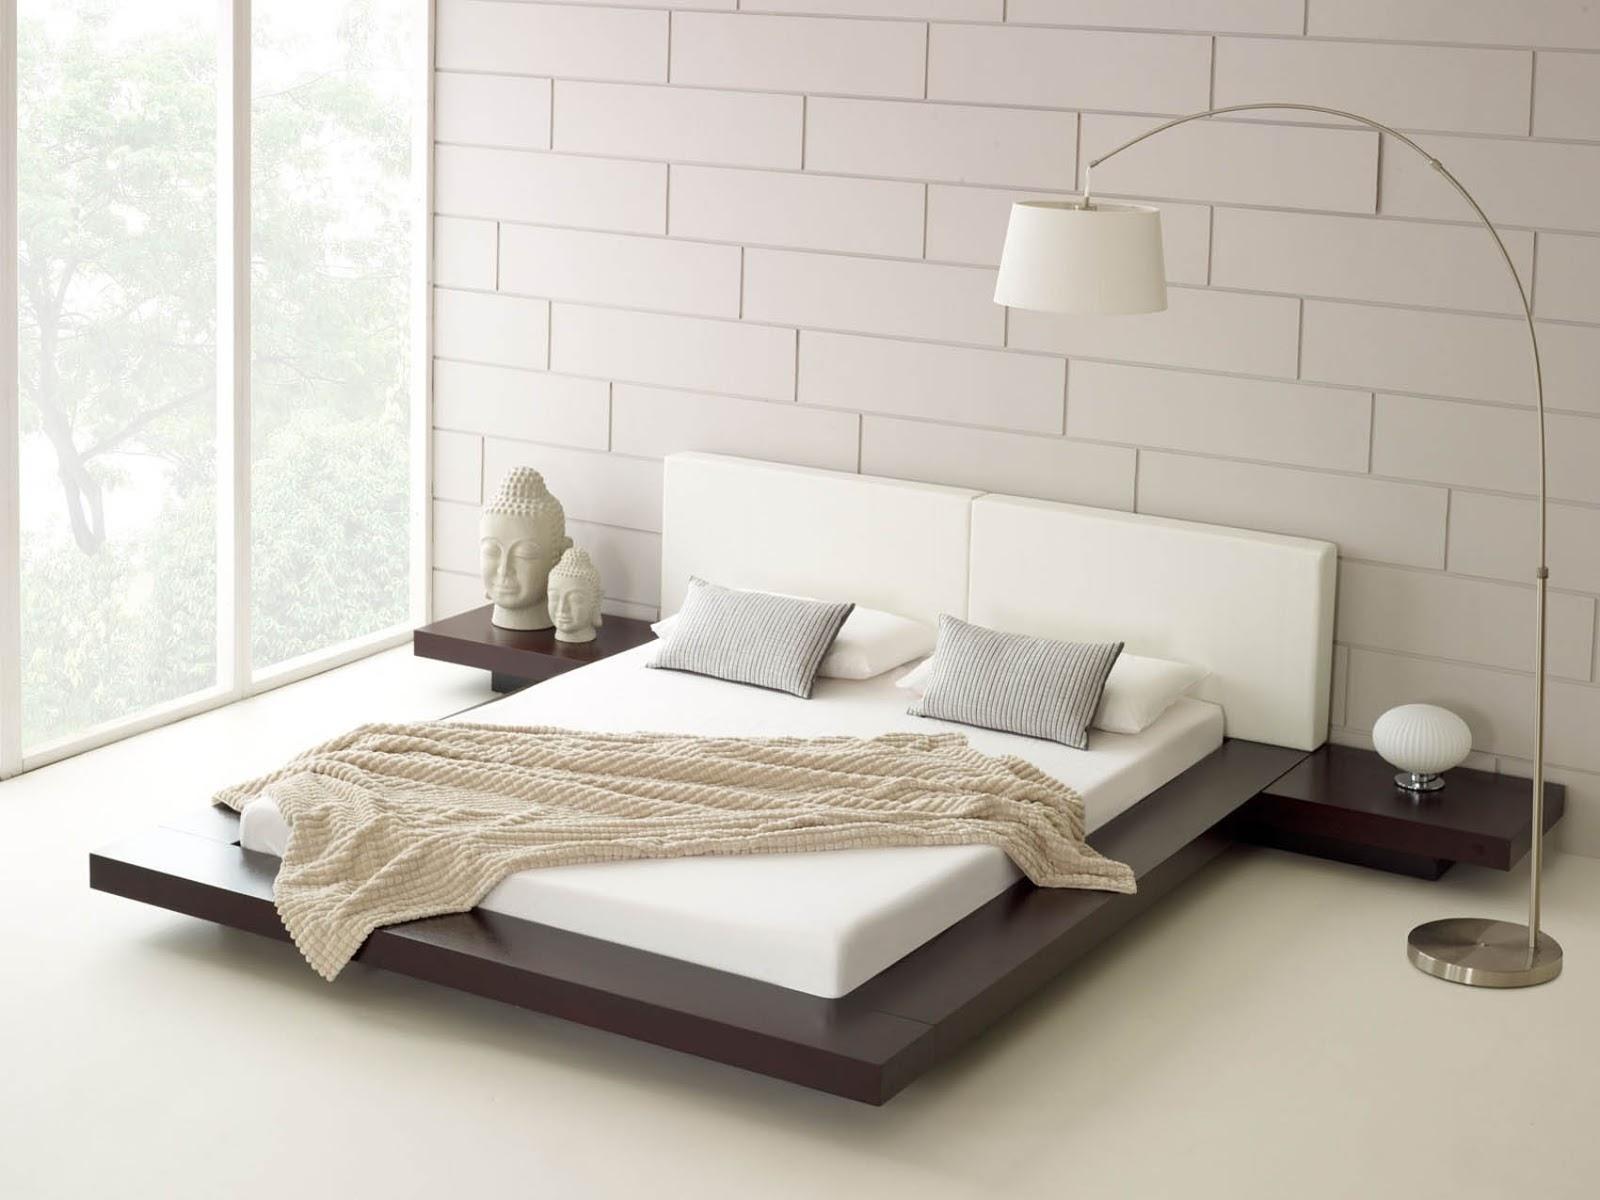 Giường ngủ kiểu Nhật đẹp sang trọng với gỗ tự nhiên nguyên khối